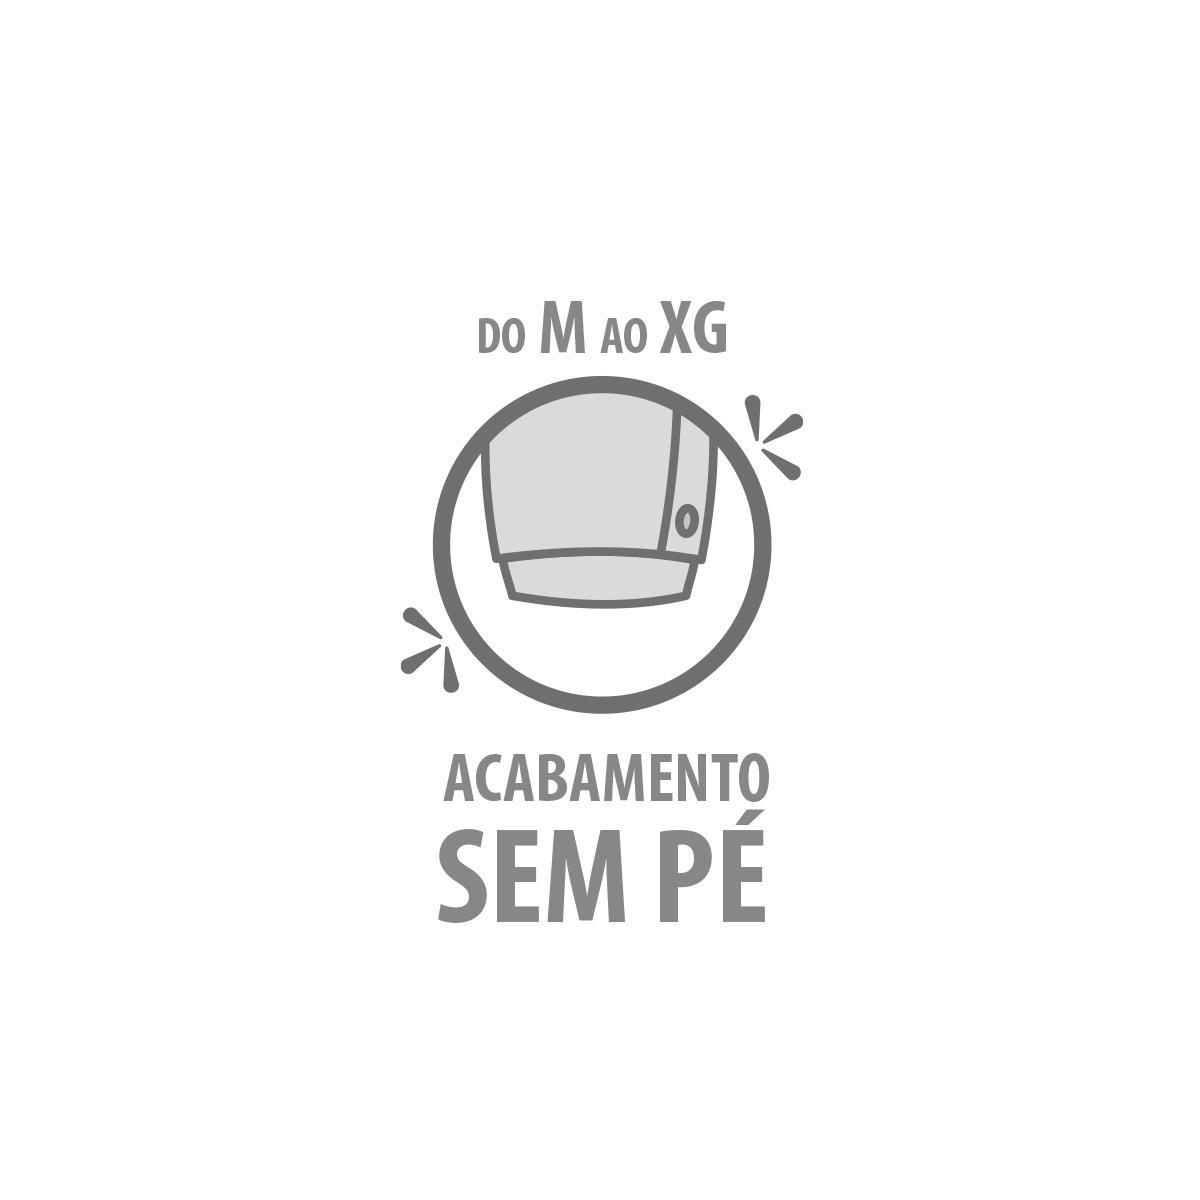 Macacão Bebê Básico Poá Vinho Gatinha - Tamanhos RN e P com pezinho; M, G e XG sem pezinho  - Piu Blu